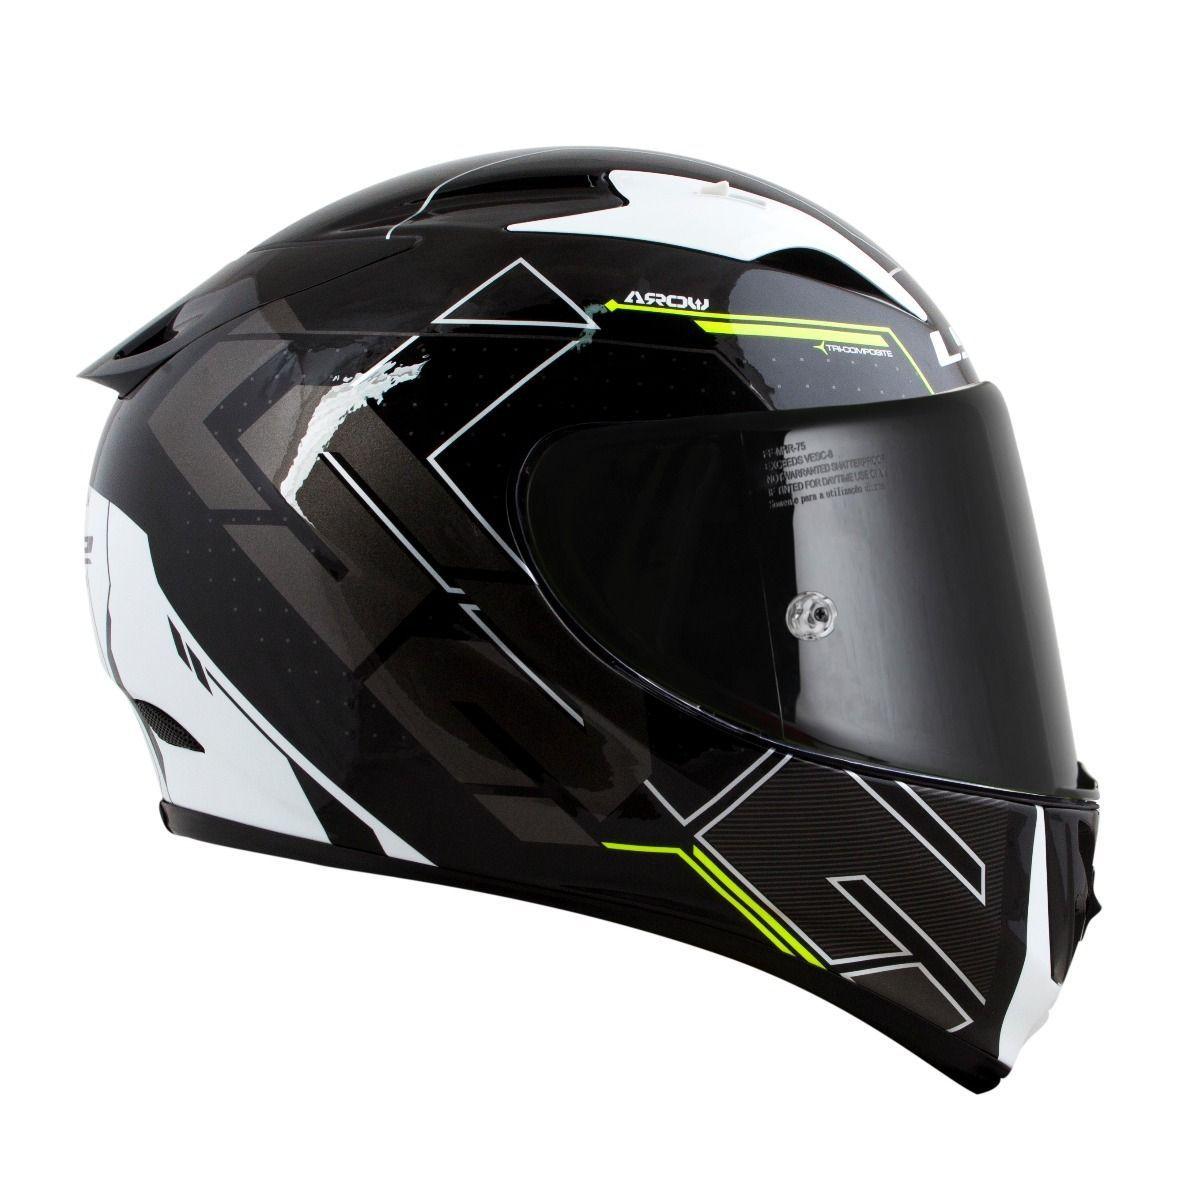 CAPACETE LS2 FF323 ARROW R TECHNO PRETO/BRANCO/AMARELO  - Motosports